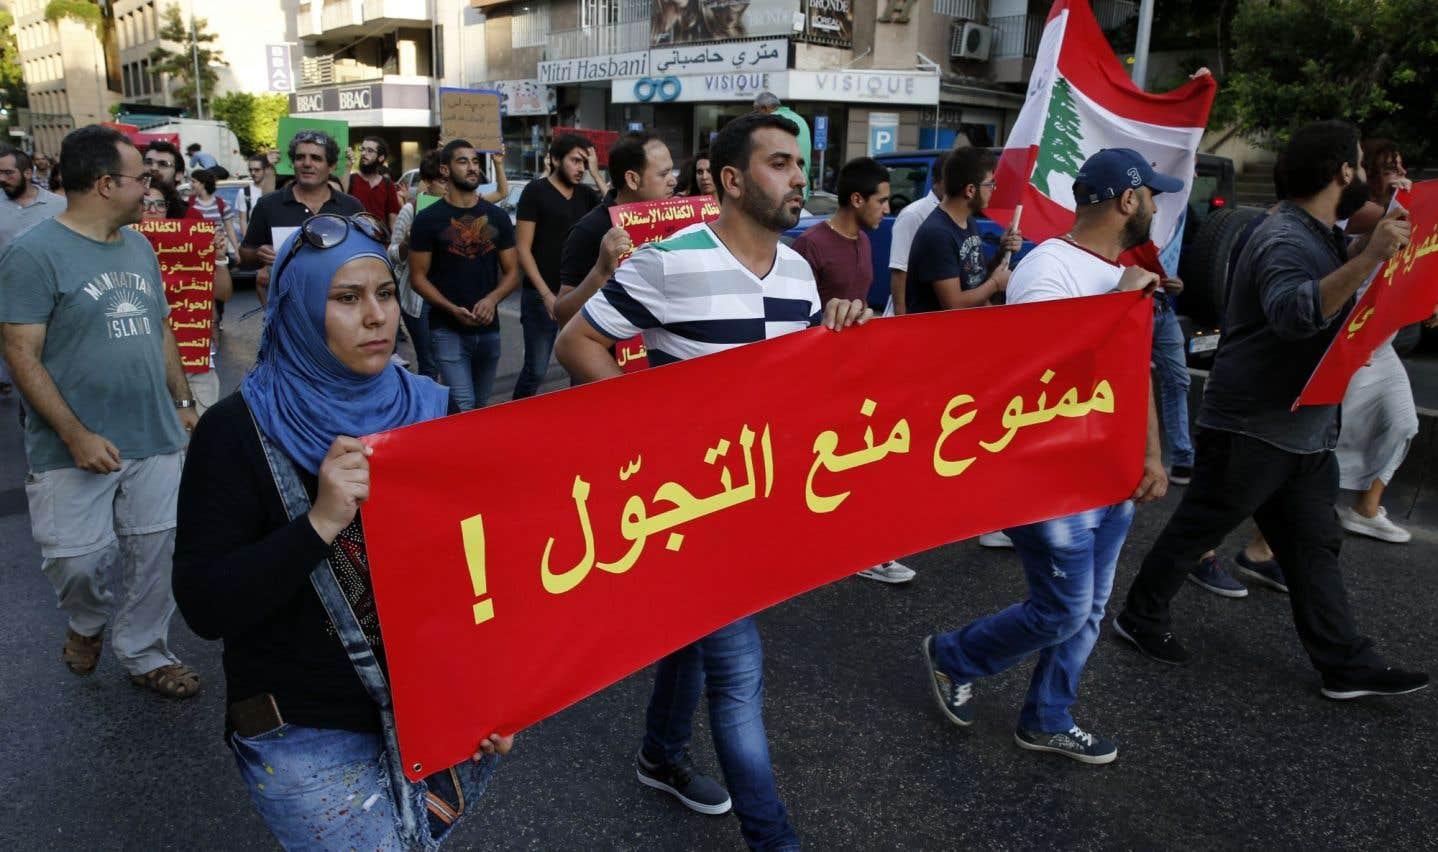 À Beyrouth, des manifestants soutenant les réfugiés tiennent une banderole sur laquelle il est écrit: «Il est interdit d'imposer un couvre-feu.»